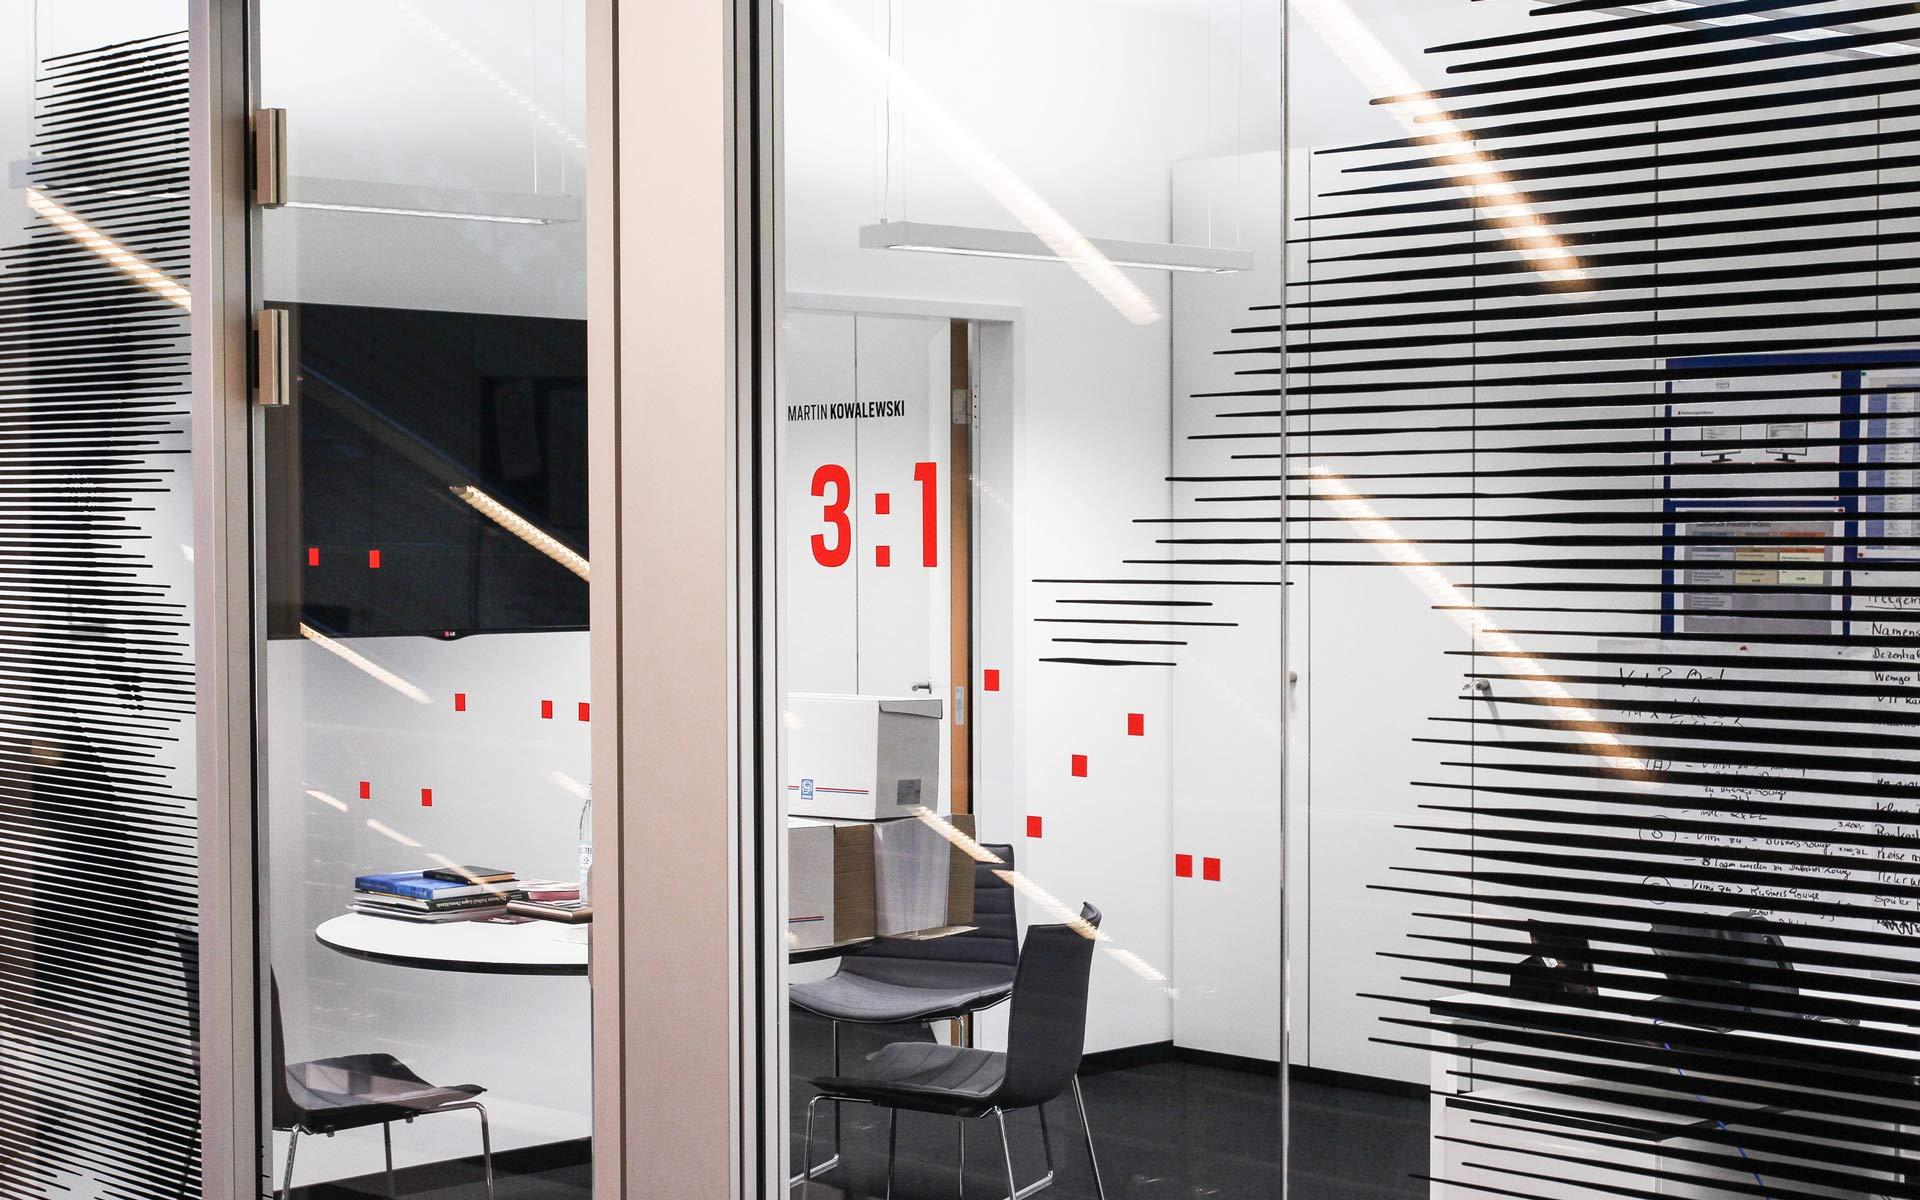 Bayer 04 neue Liegenschaft – Wayfinding, Leit- und Orientierungssystem,  Orientierungshinweise an den Scheiben